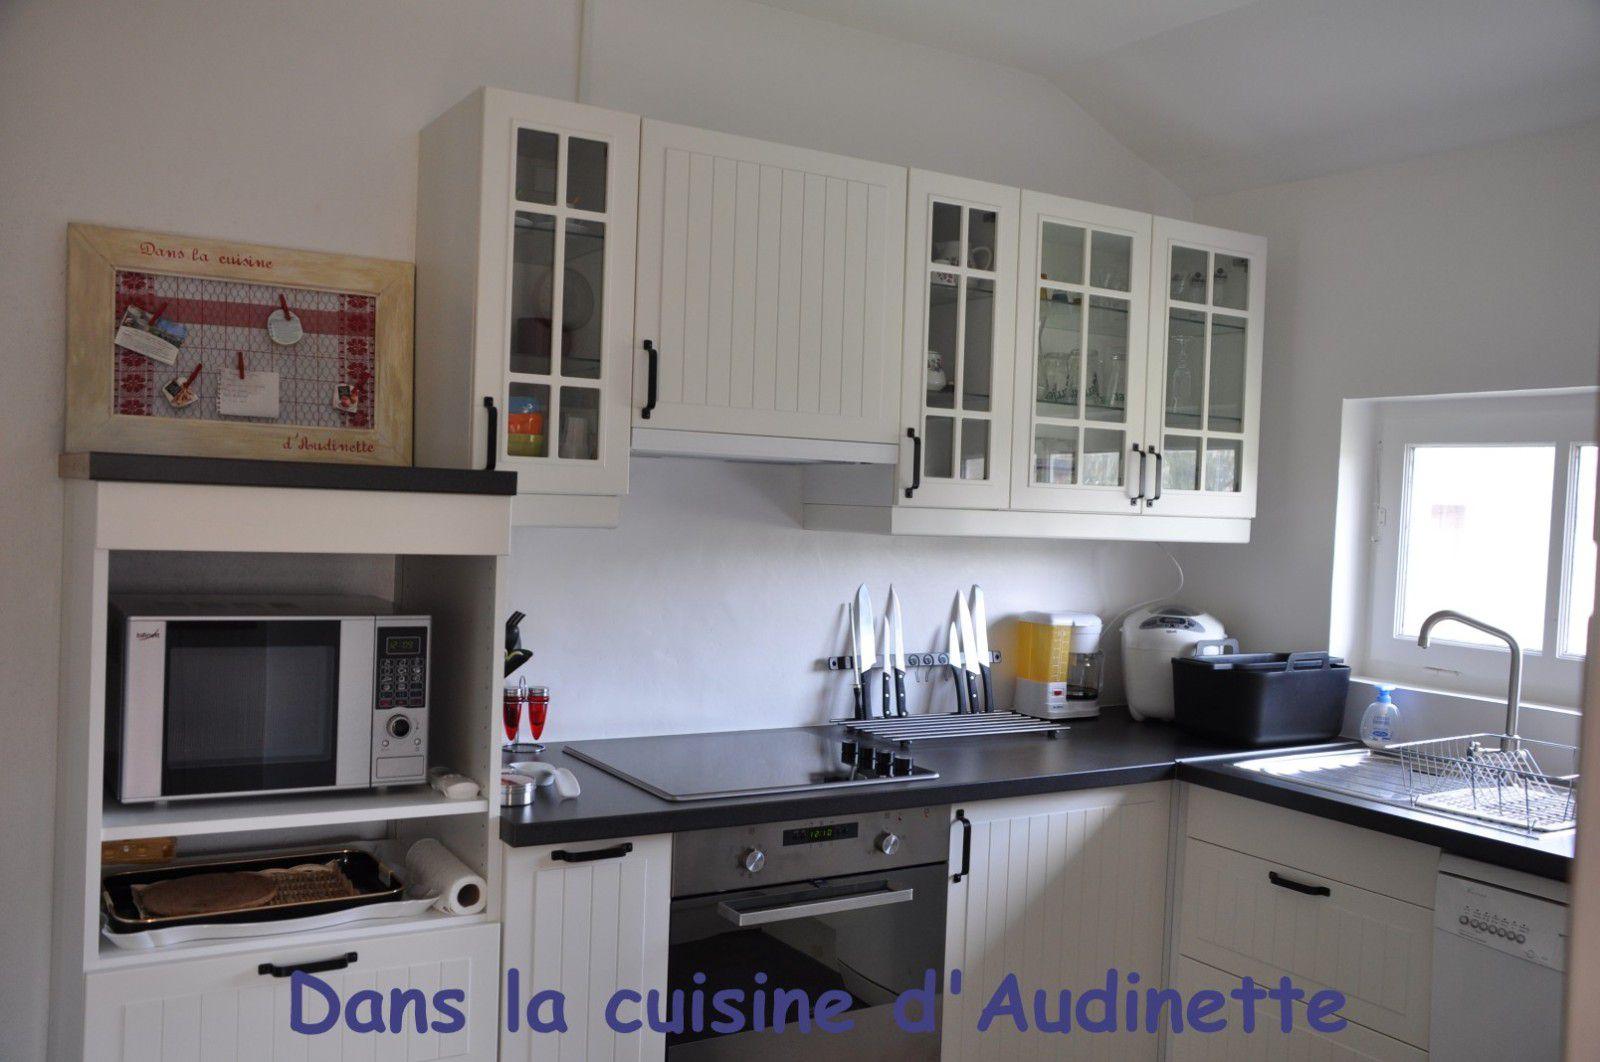 Cacher Plan De Travail Cuisine cuisine ikea : étape n°4 - les finitions - dans la cuisine d